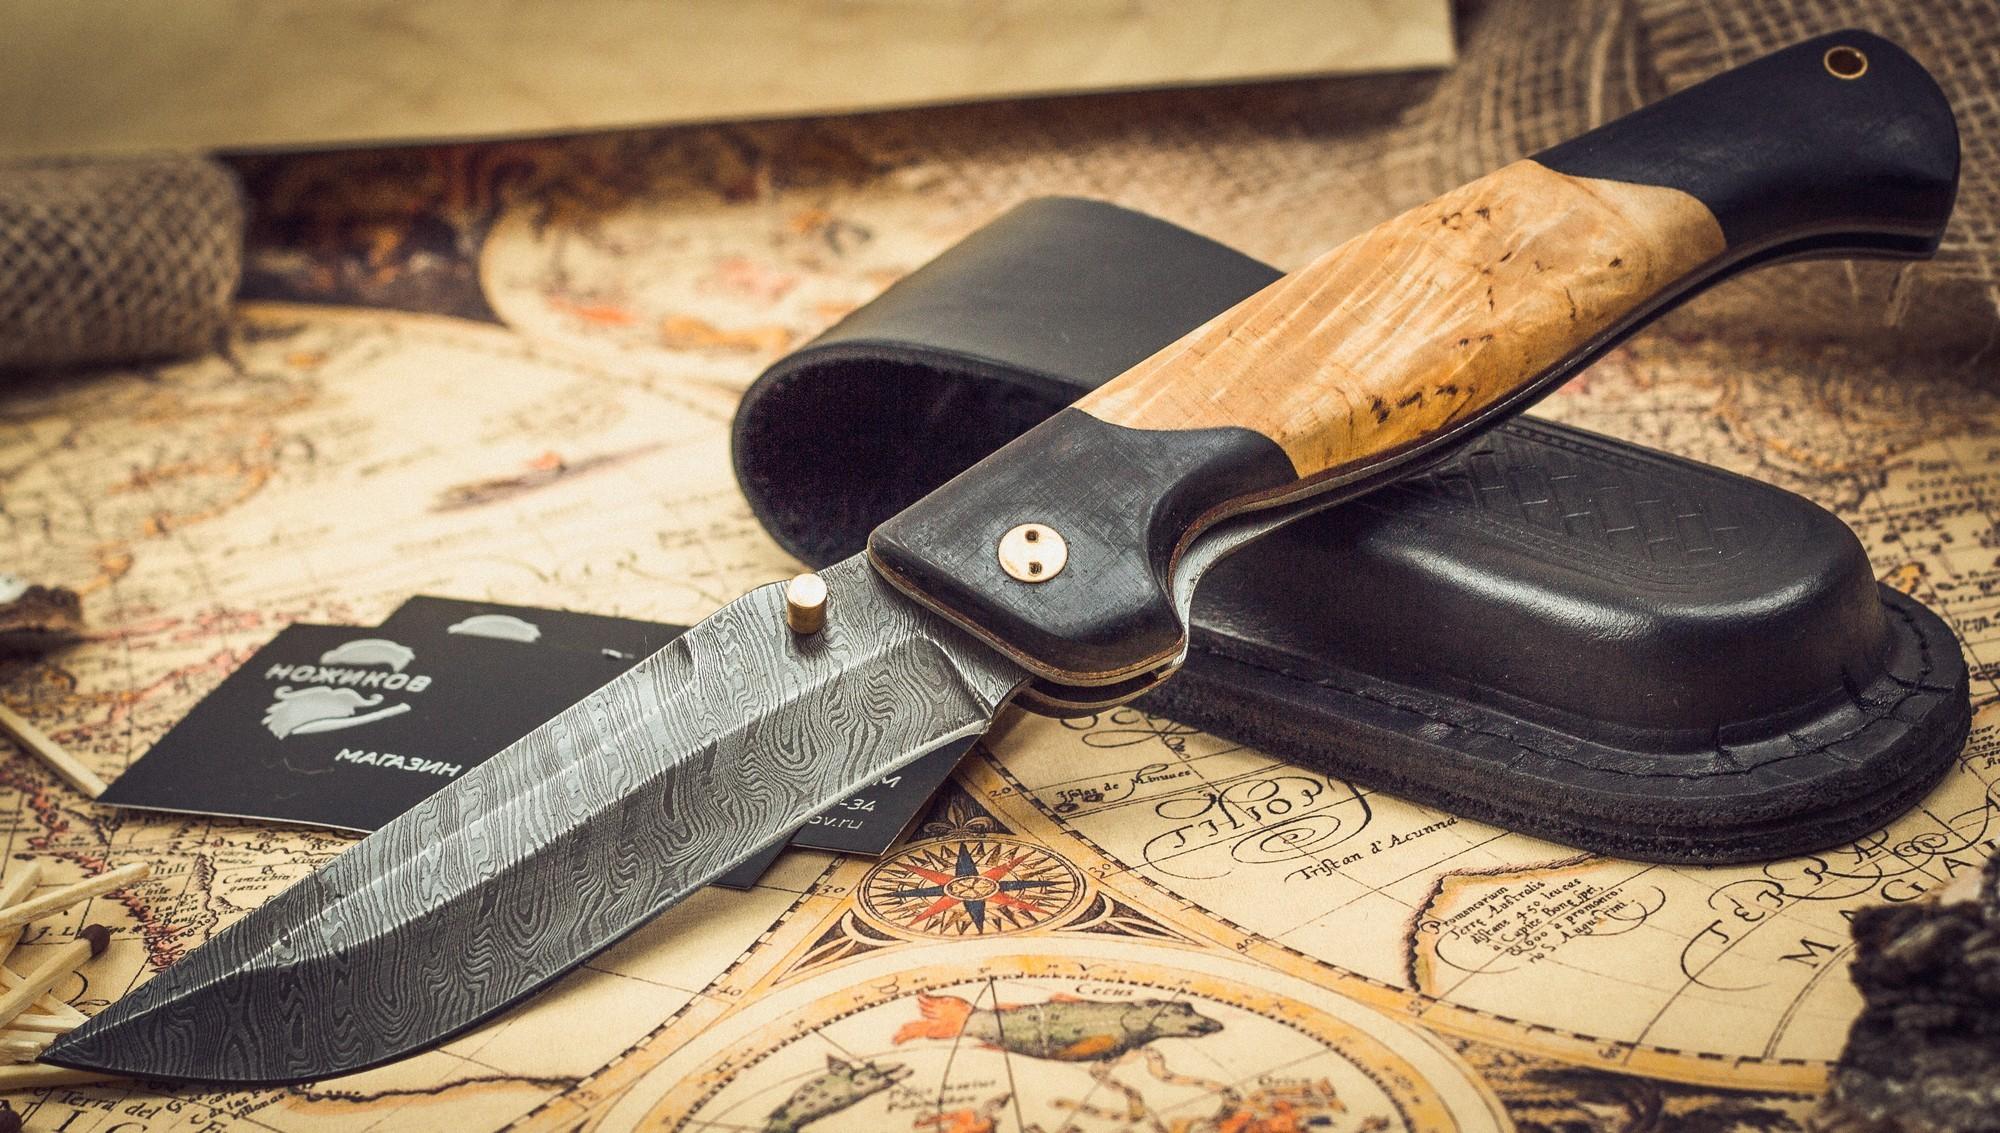 Фото 6 - Складной нож Актай-2, дамаск, карельская береза от Марычев